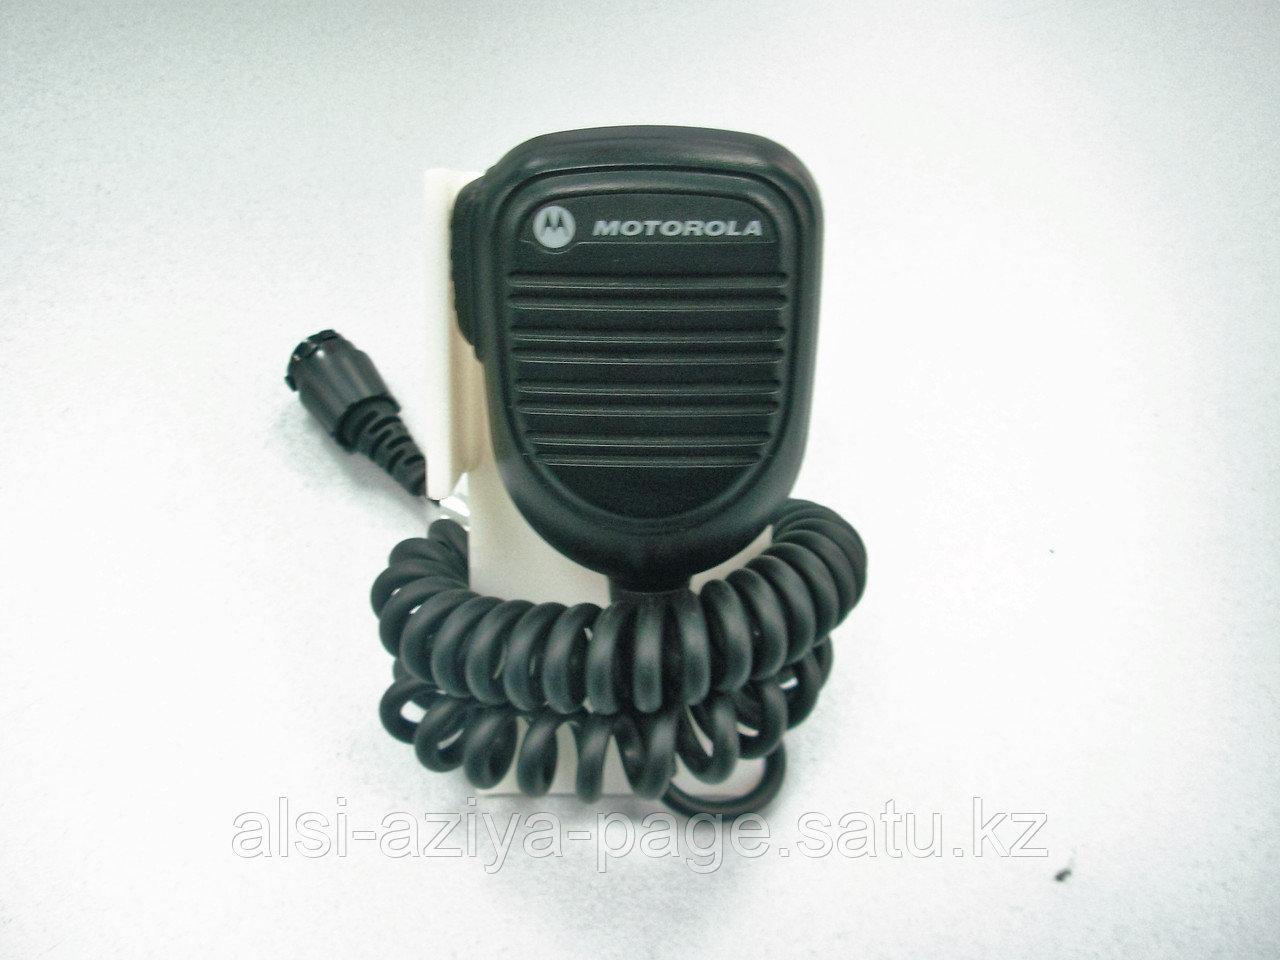 Микрофон для радиостанции Motorola DM4400/4401/4600/4601